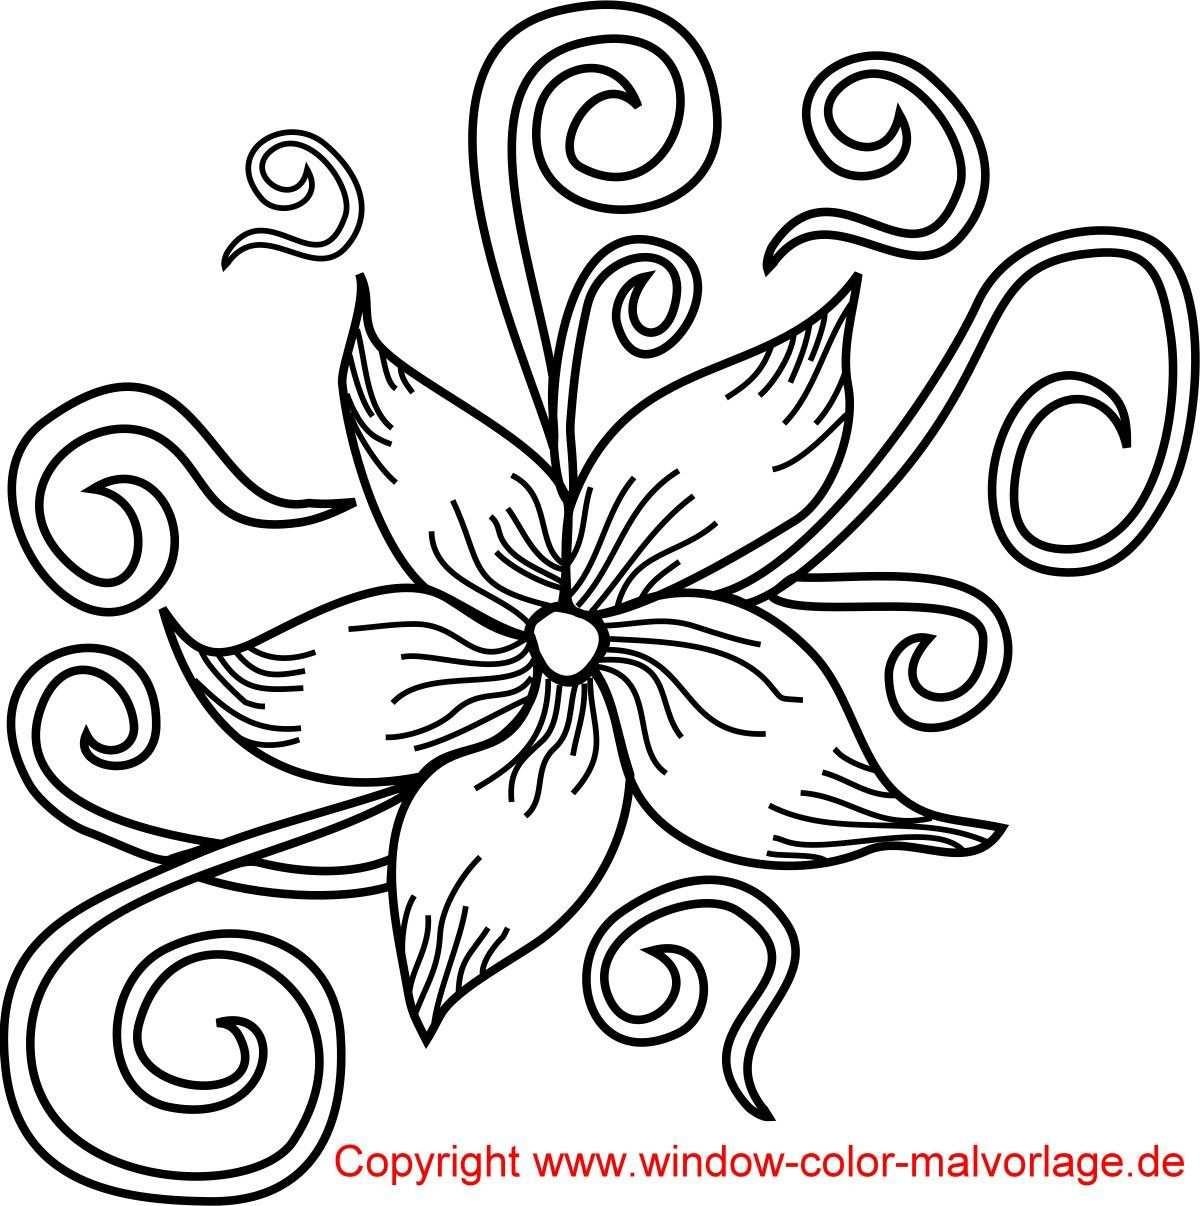 Malvorlagen Blumen Ranken Ausmalbilder 2003321 Affefreund Com